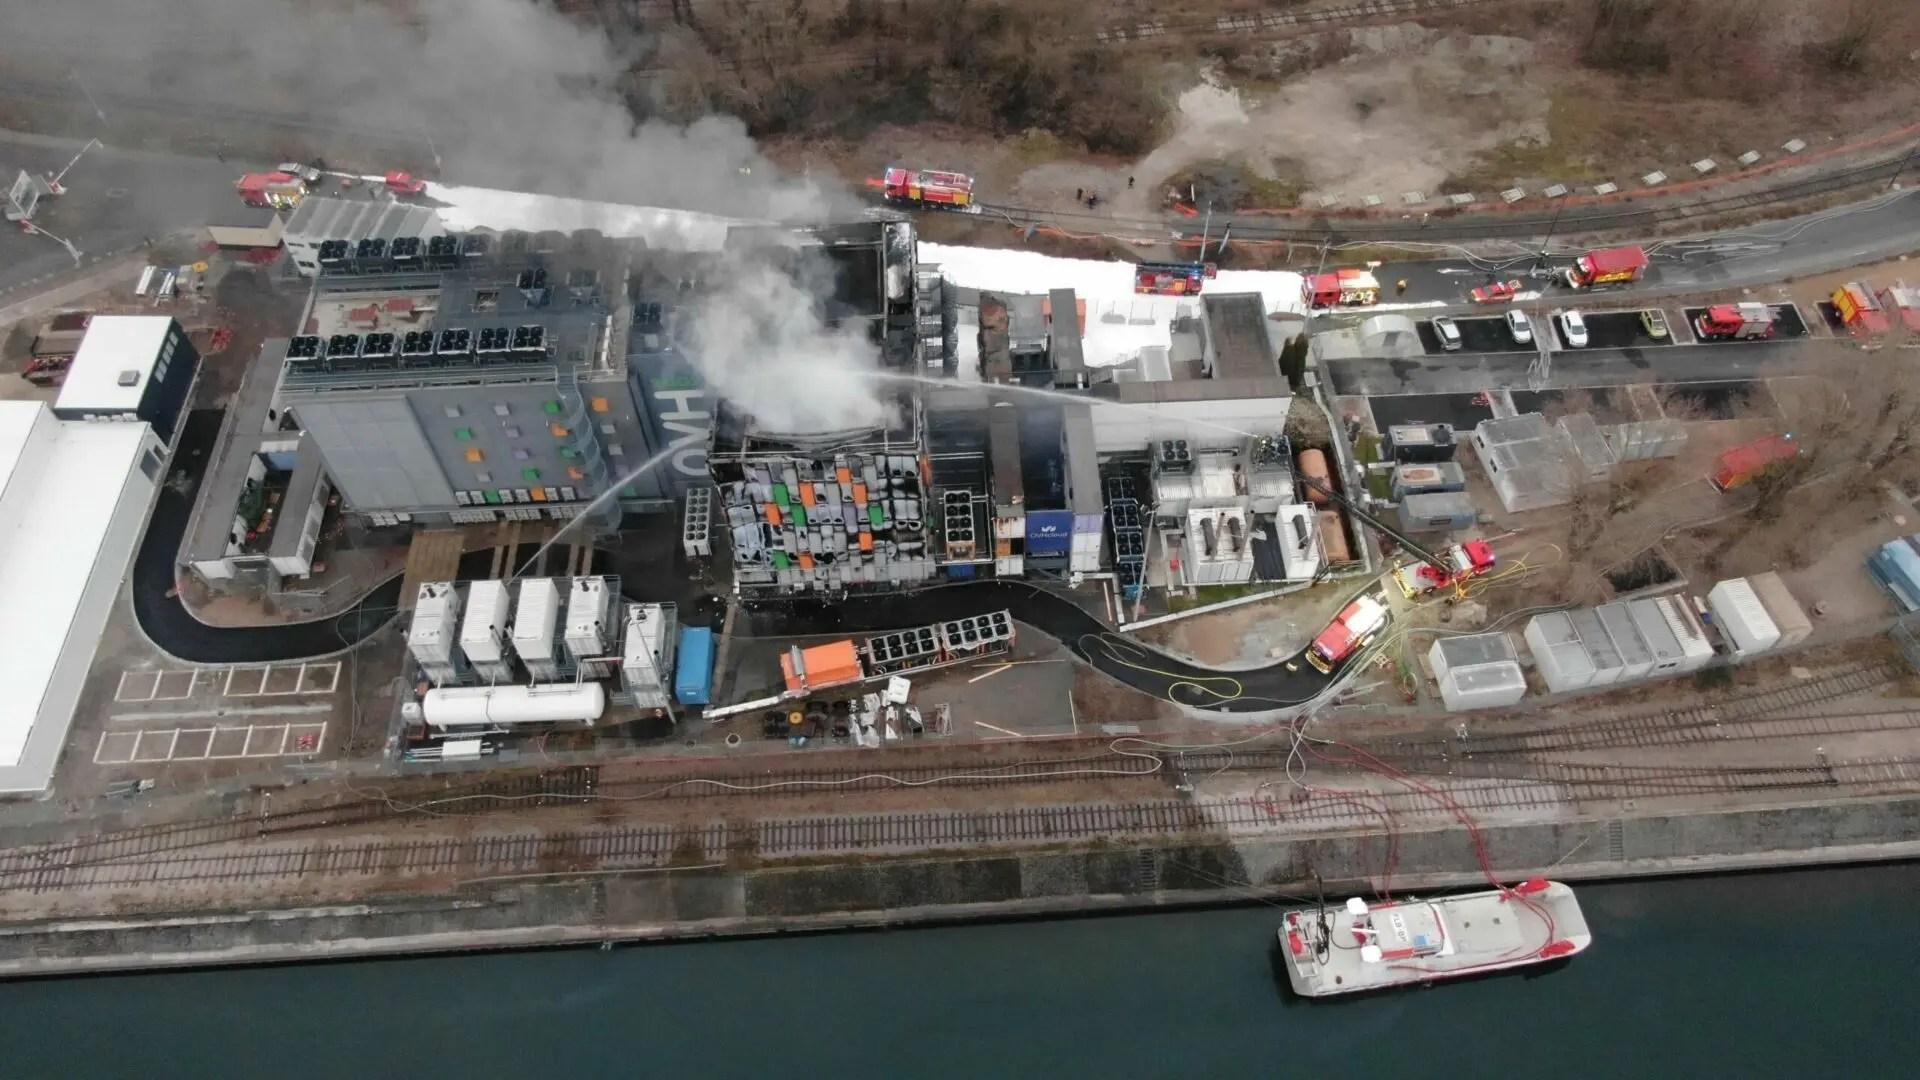 حريق في مركز بيانات OVH بأوروبا يدمّر سيرفراتٍ عديدة أهمها سيرفرات إضافة Imagify